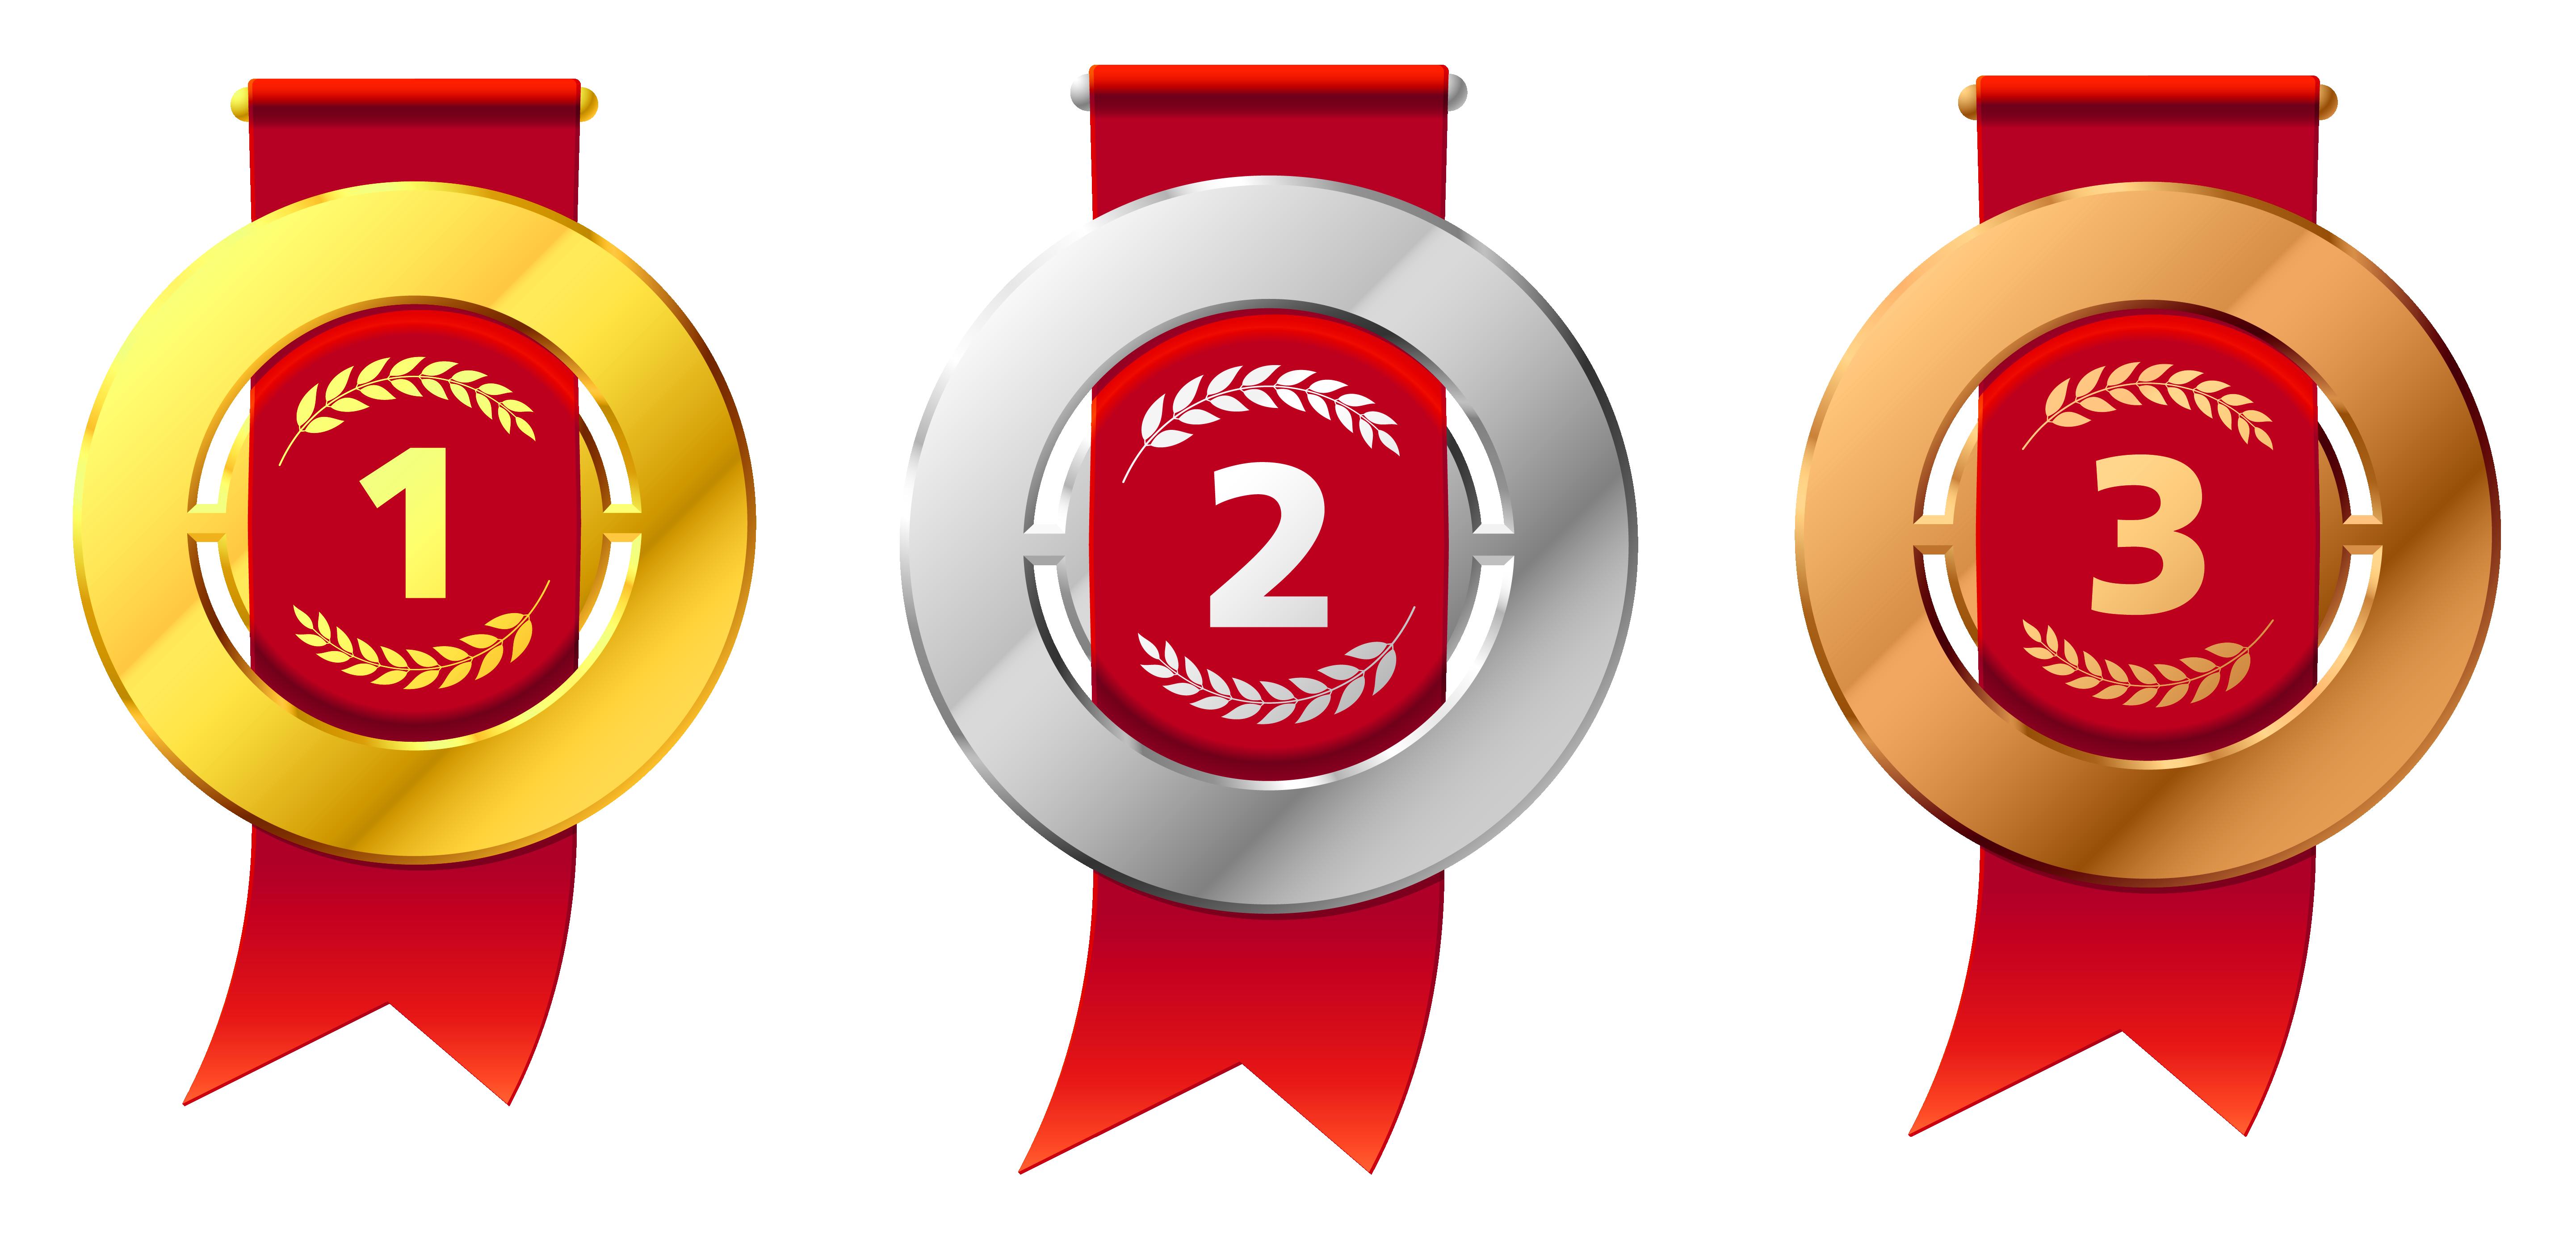 Runner gold medalist clipart jpg freeuse Free Medals Images, Download Free Clip Art, Free Clip Art on ... jpg freeuse